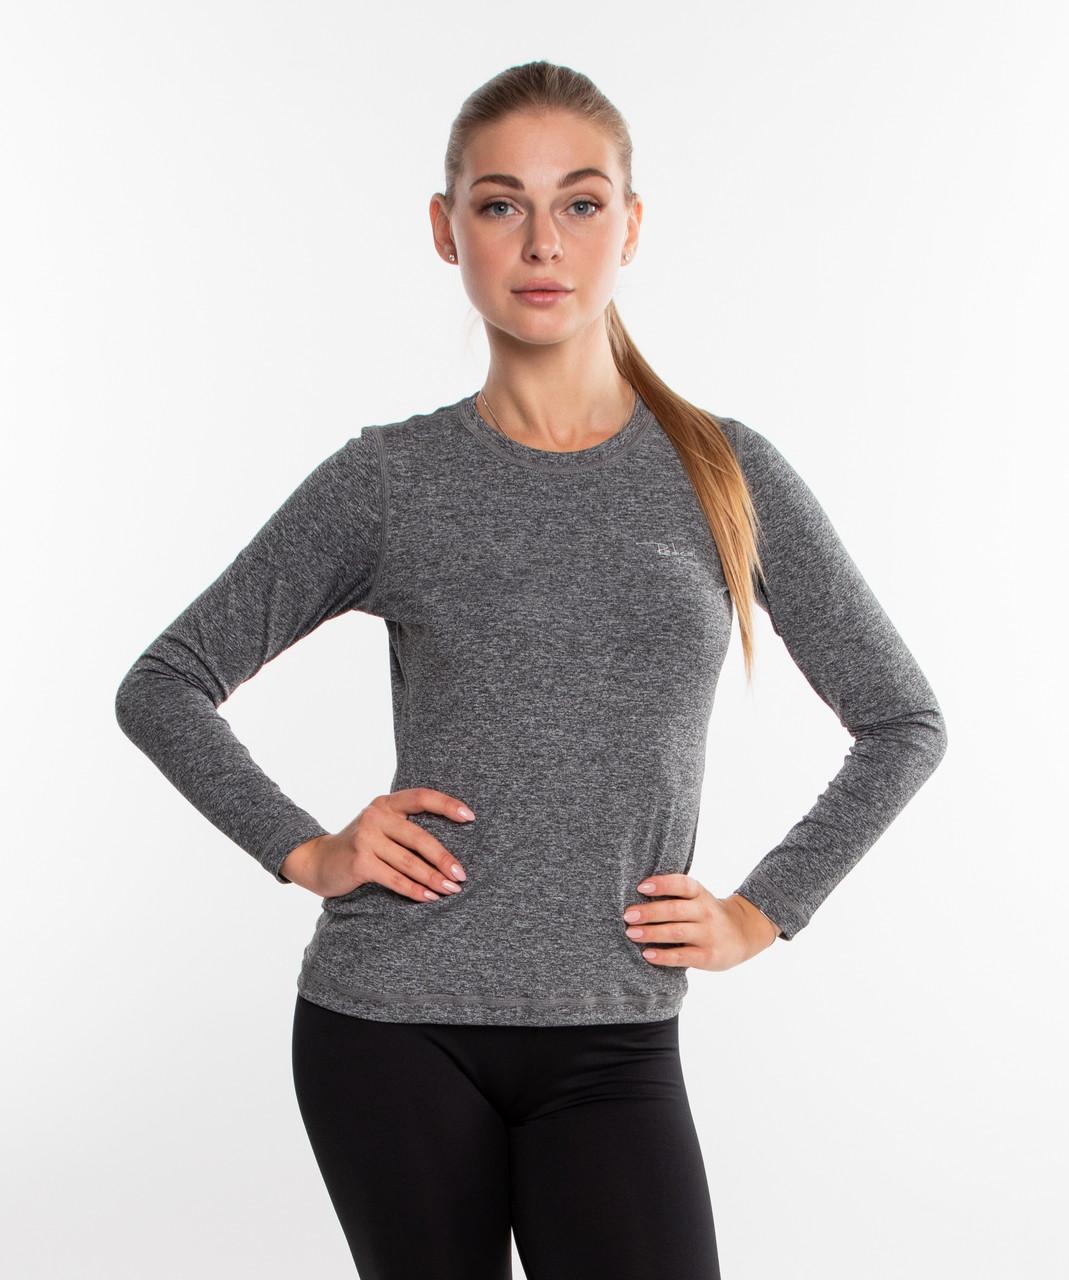 Спортивна жіноча футболка з довгим рукавом Rough Radical Efficient SG, лонгслів, рашгард, компресійна